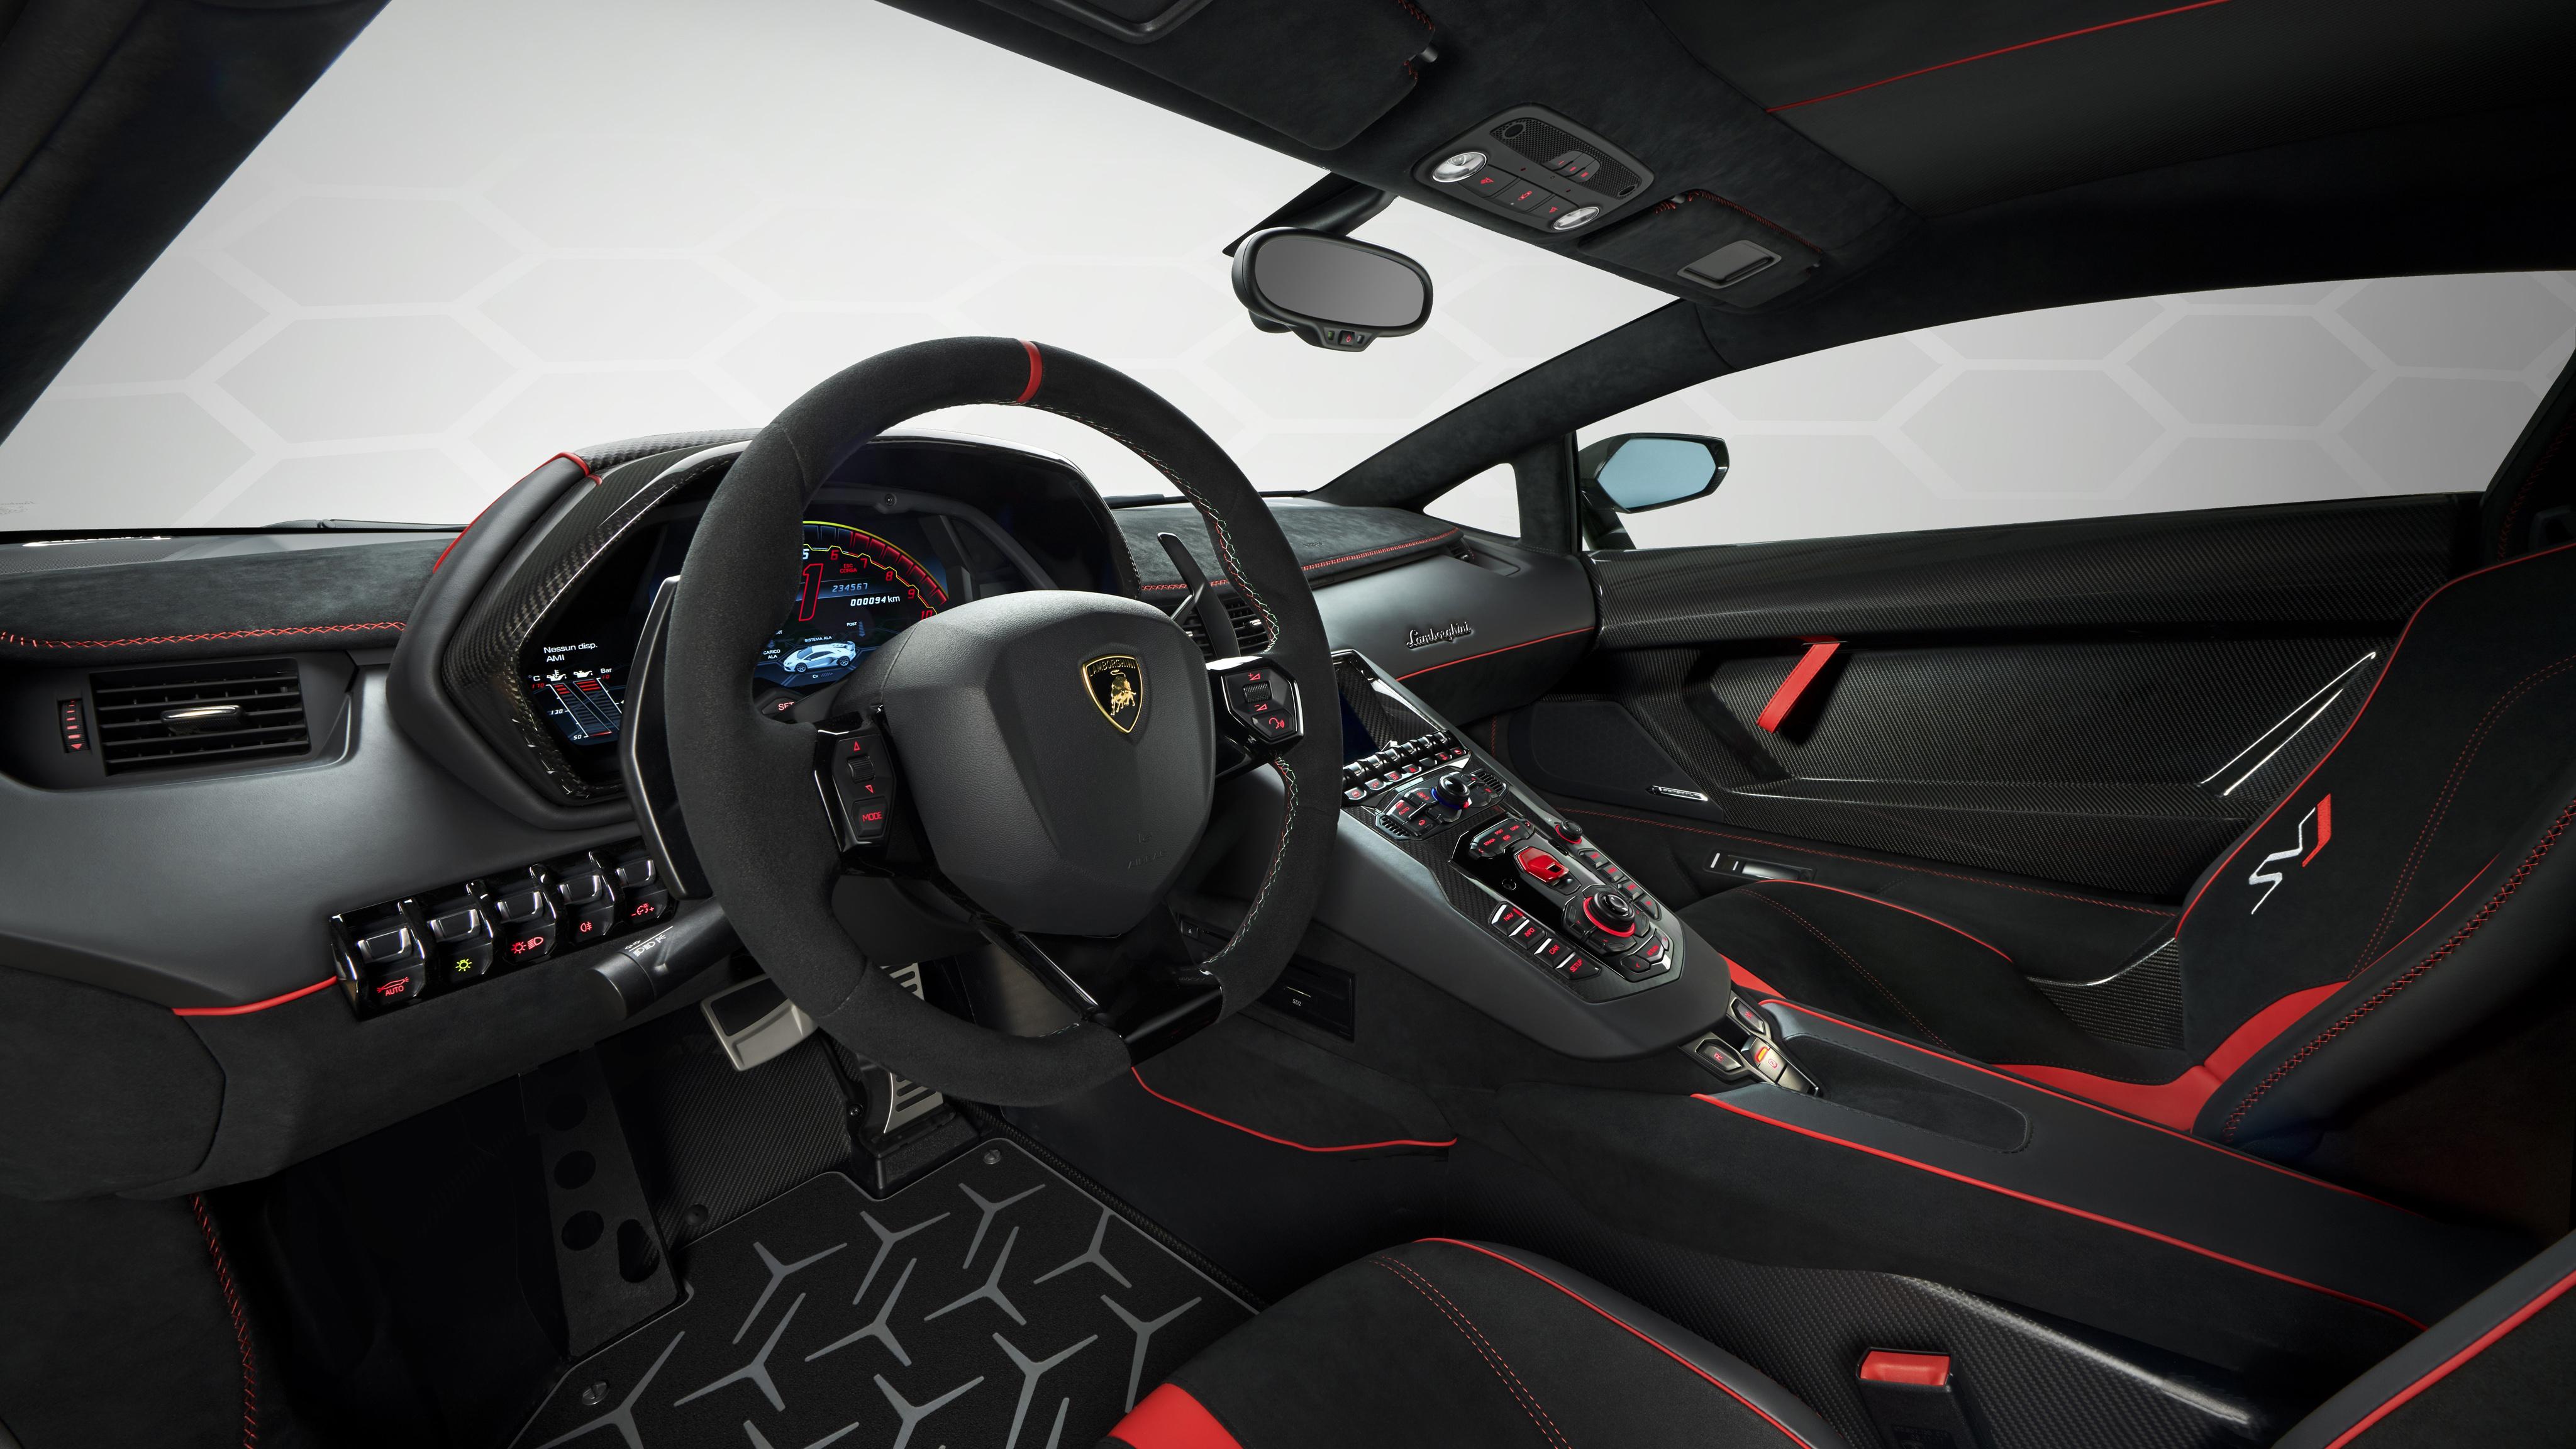 Lamborghini aventador svj interior wallpaper hd car - Lamborghini aventador interior wallpaper ...